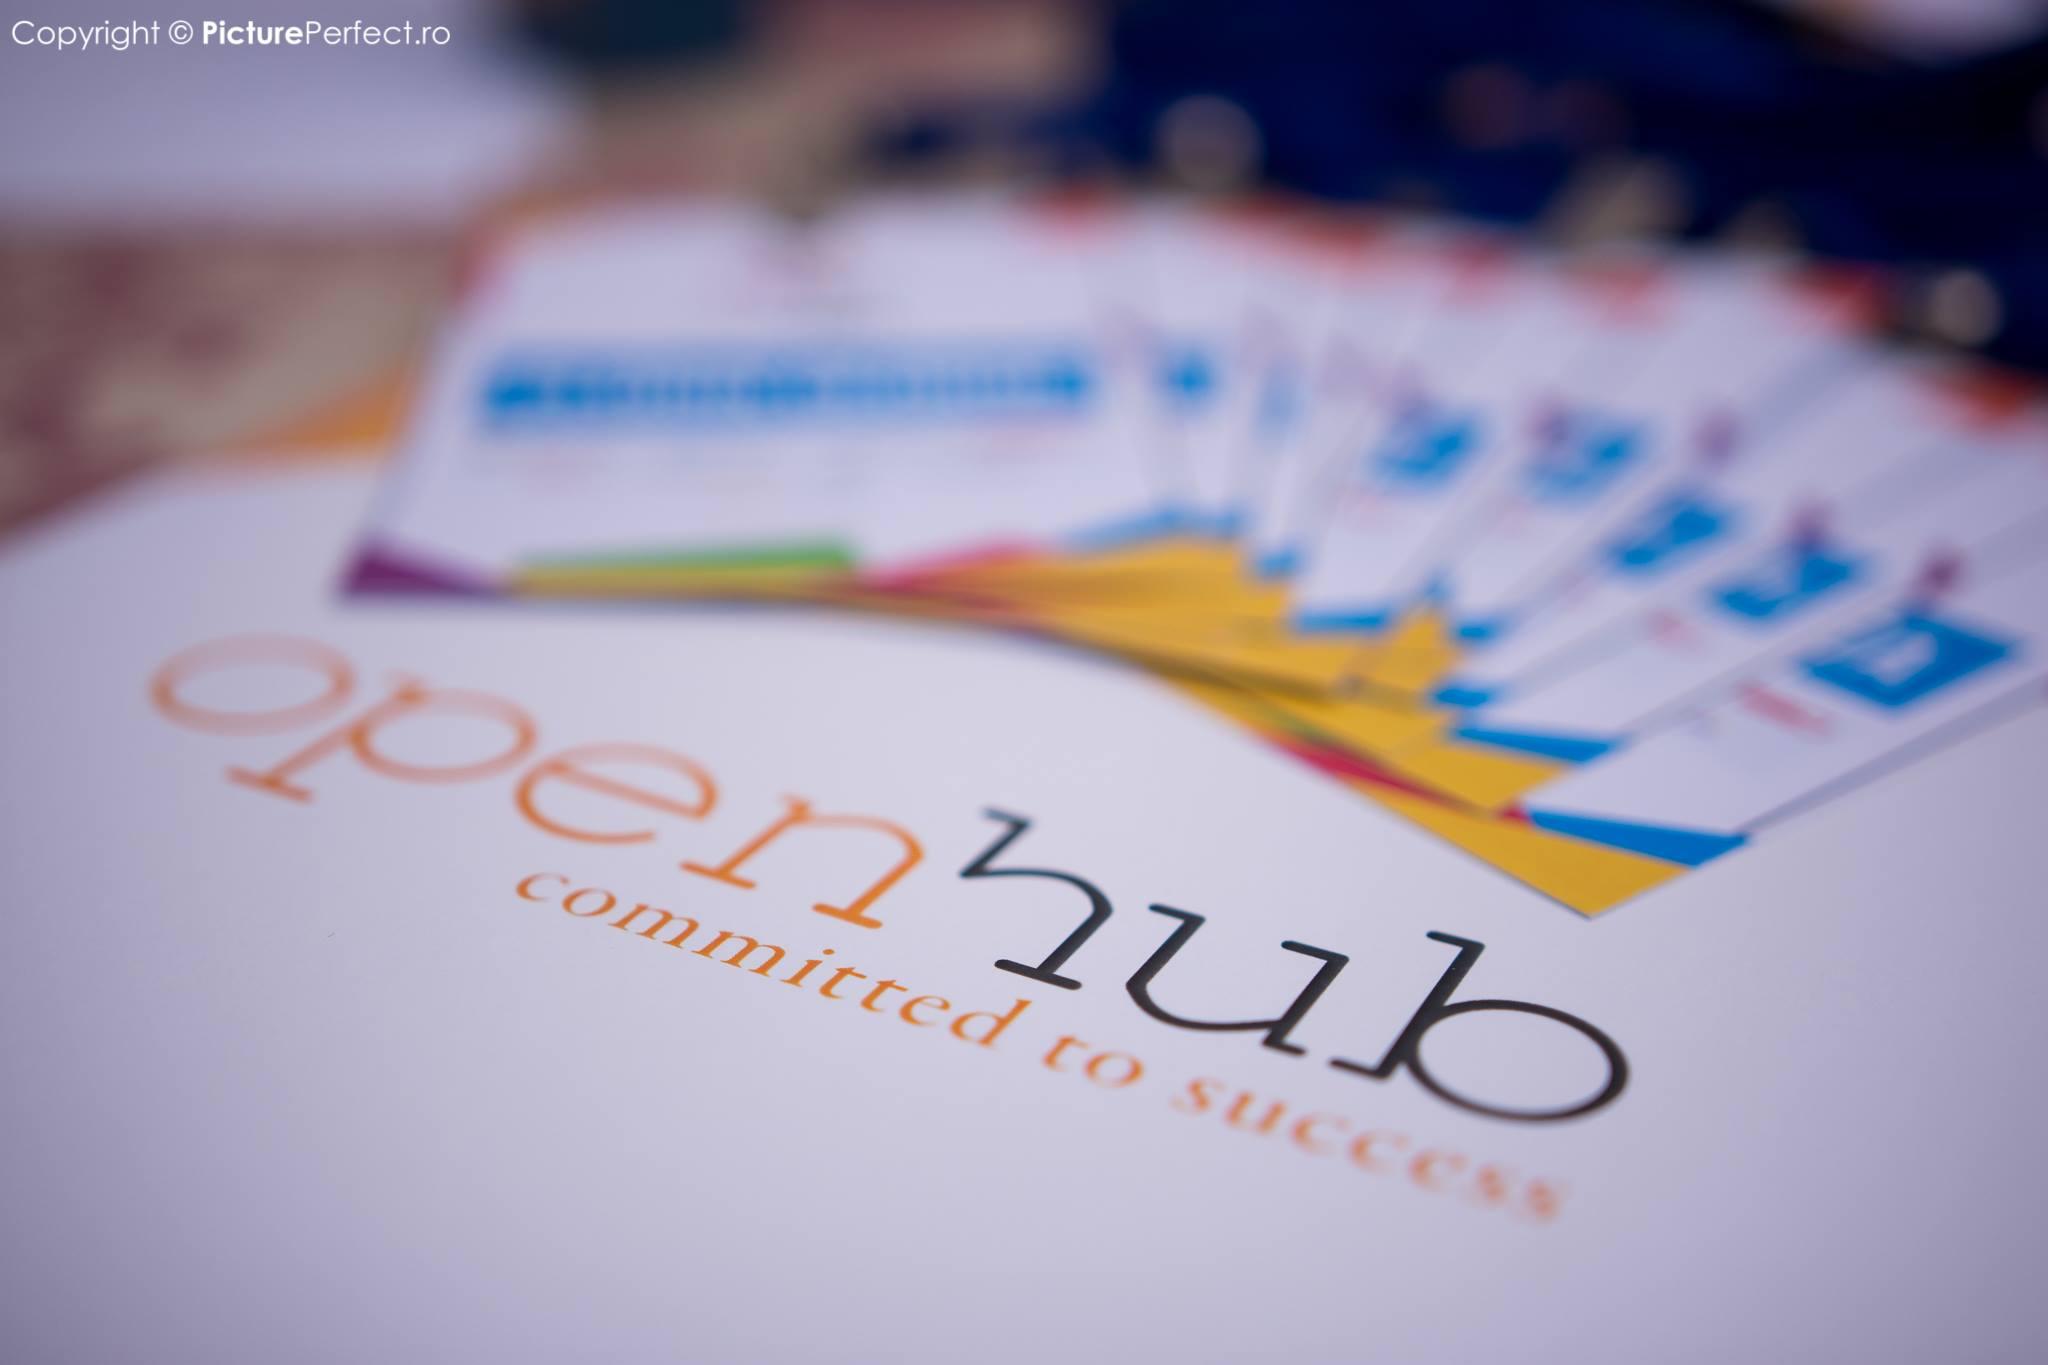 Pe 8 decembrie, ne vedem în Galați la Openhub Blog Me Up